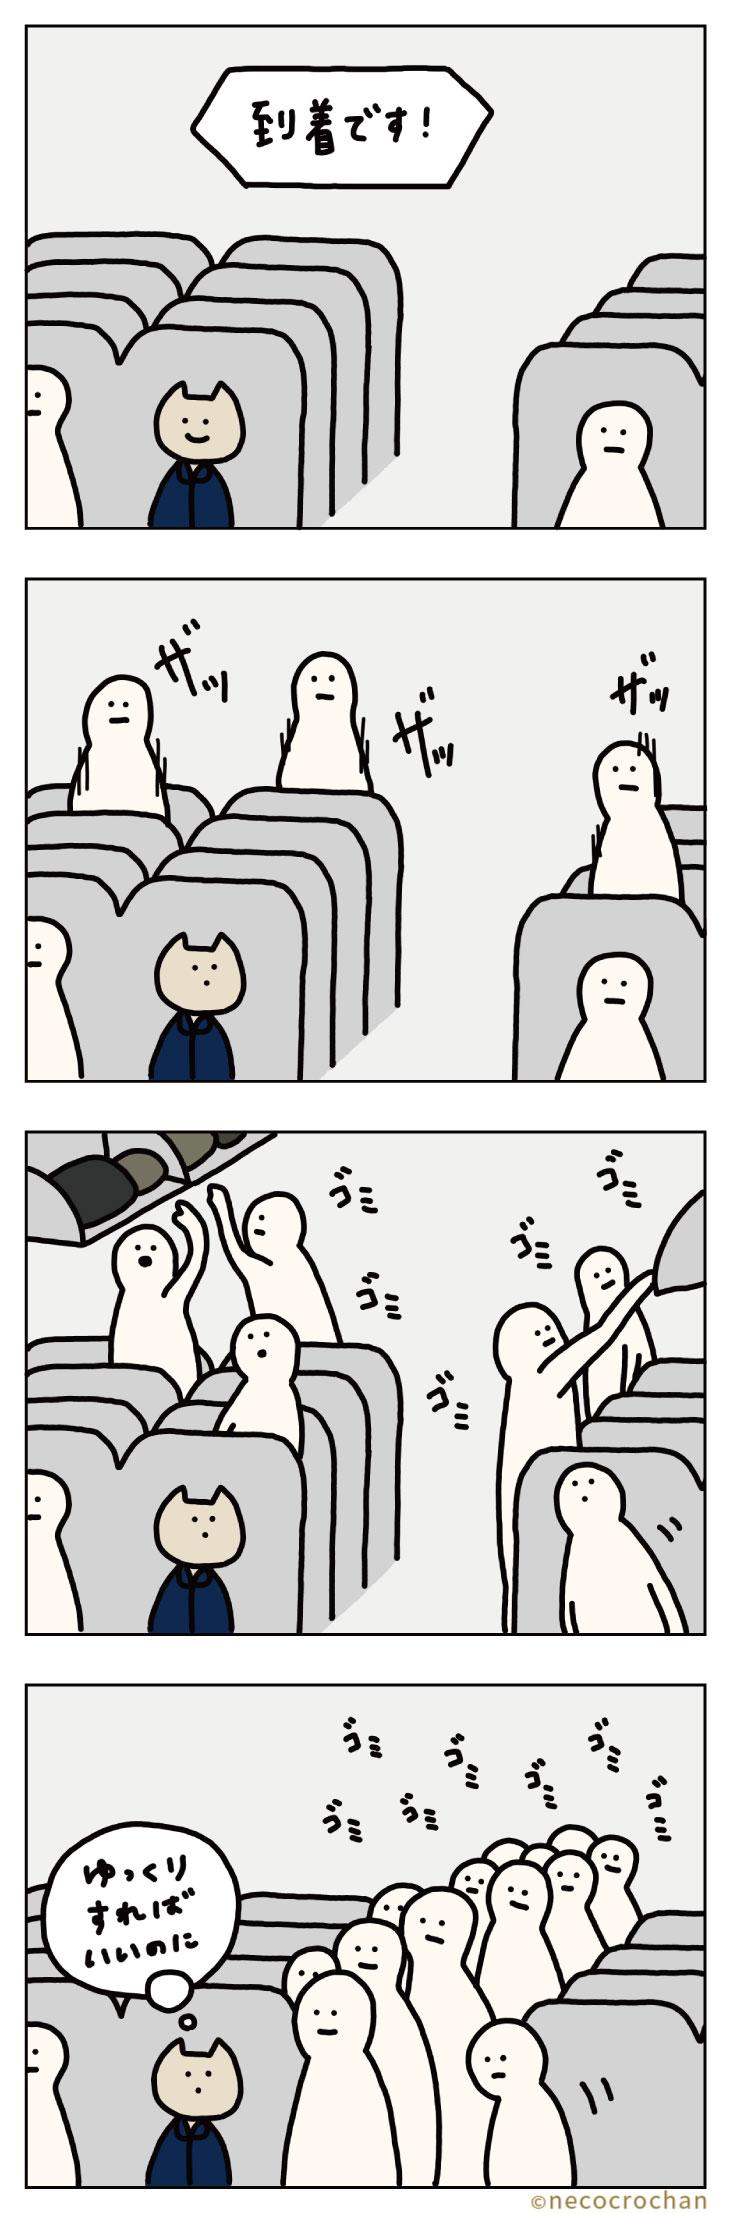 4コマ漫画ねこくろにっき「旅行〜ひこうき6〜」